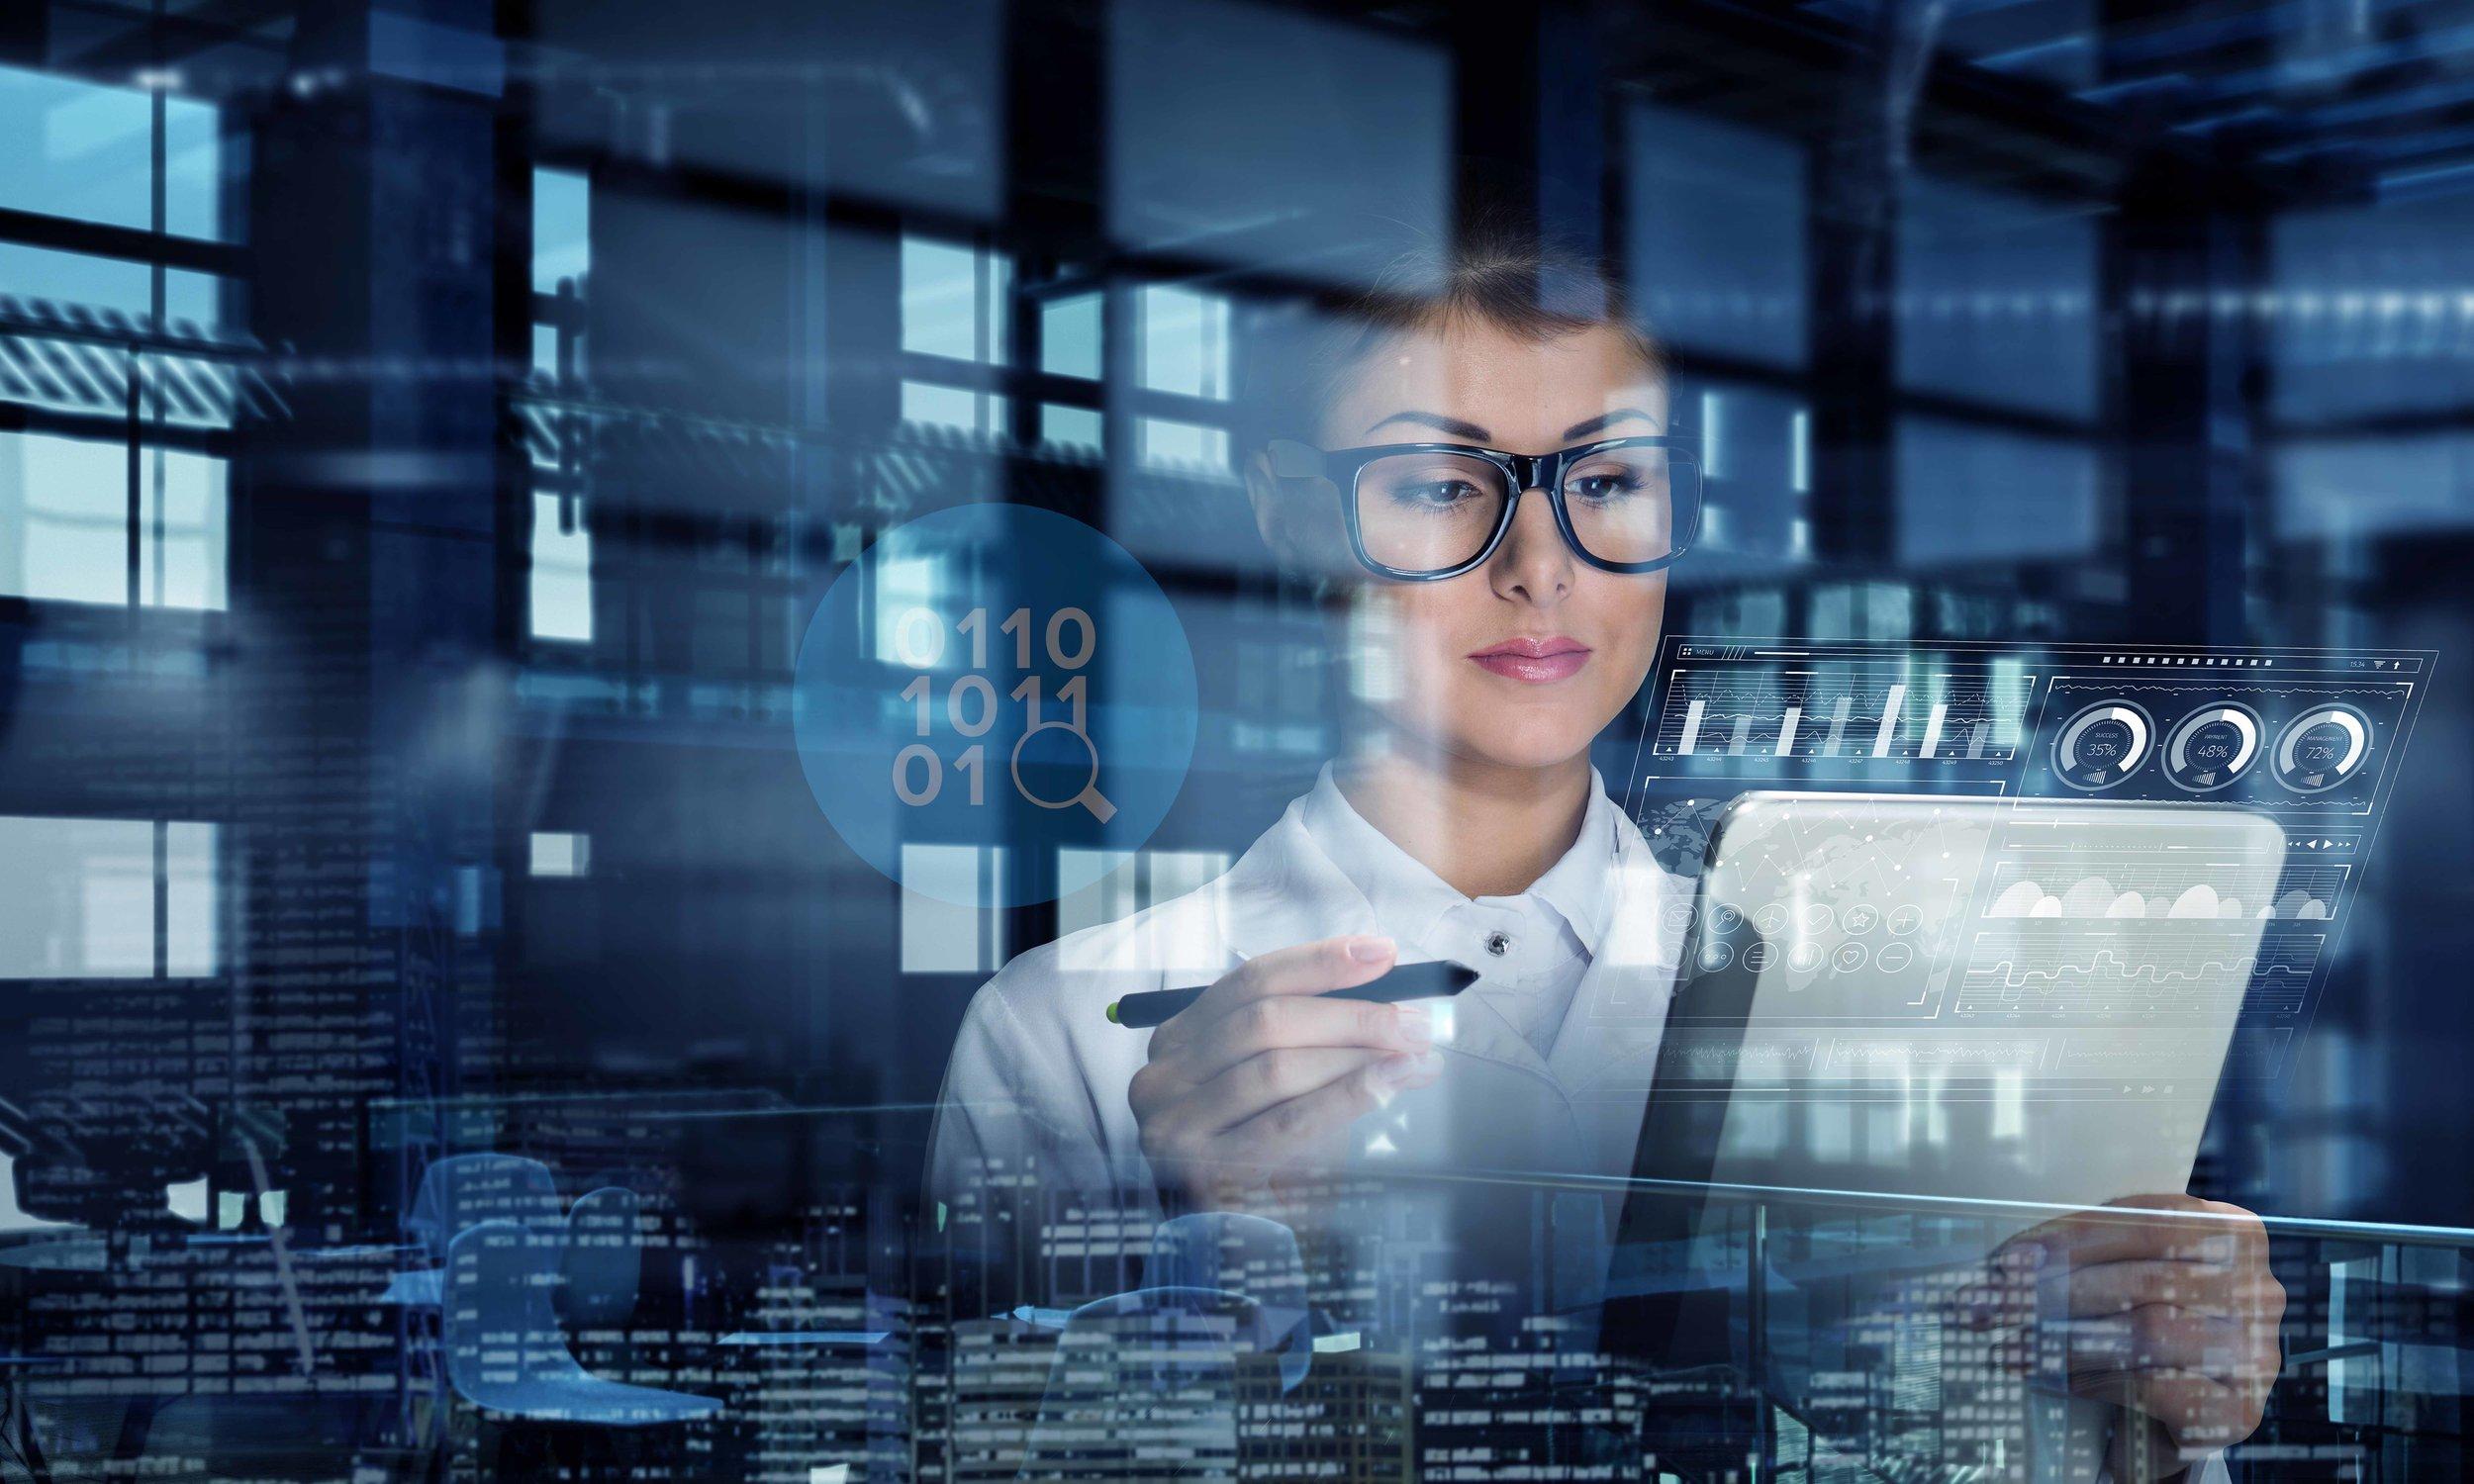 10 شغل پردرآمد و جدید | سیطره تکنولوژی بر کسب و کار